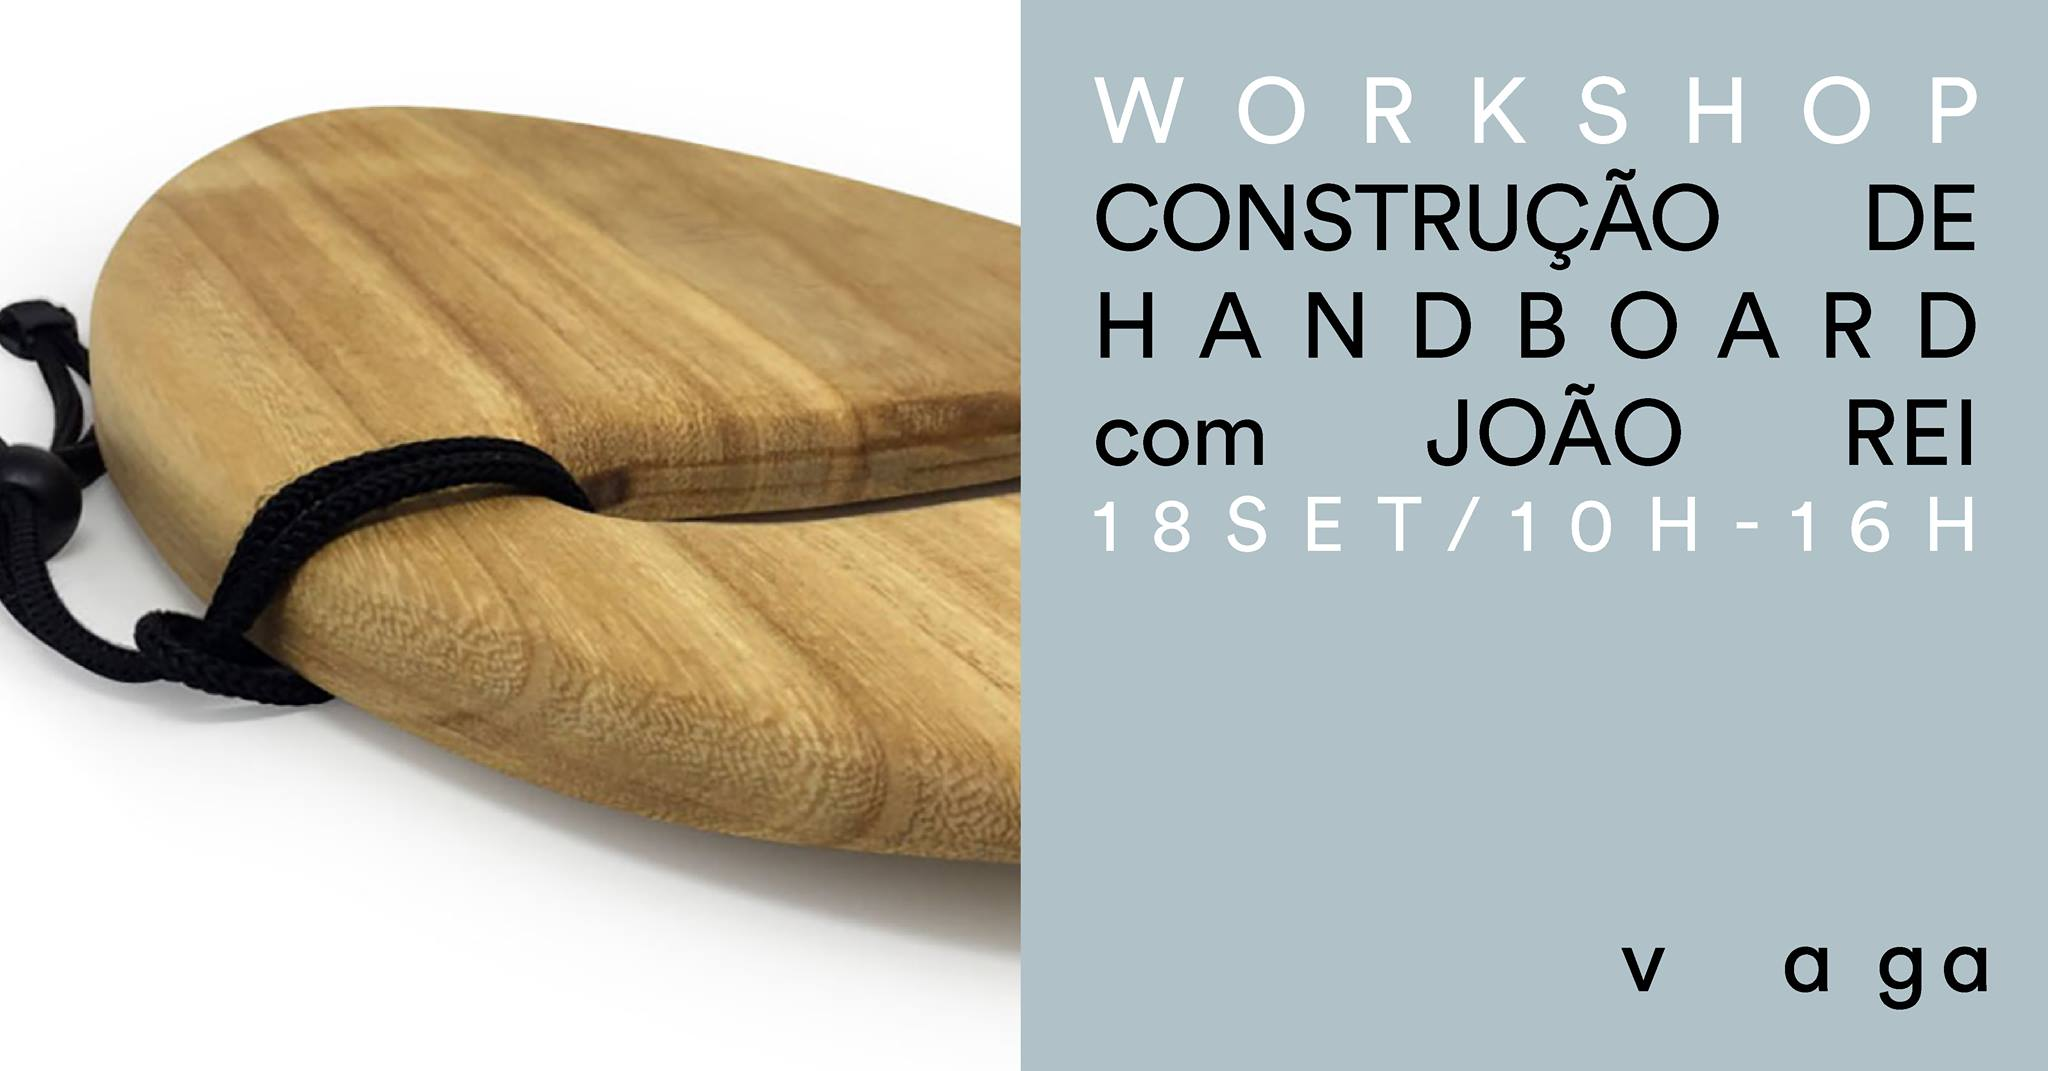 Workshop - Construção de 'handboard' com João Rei